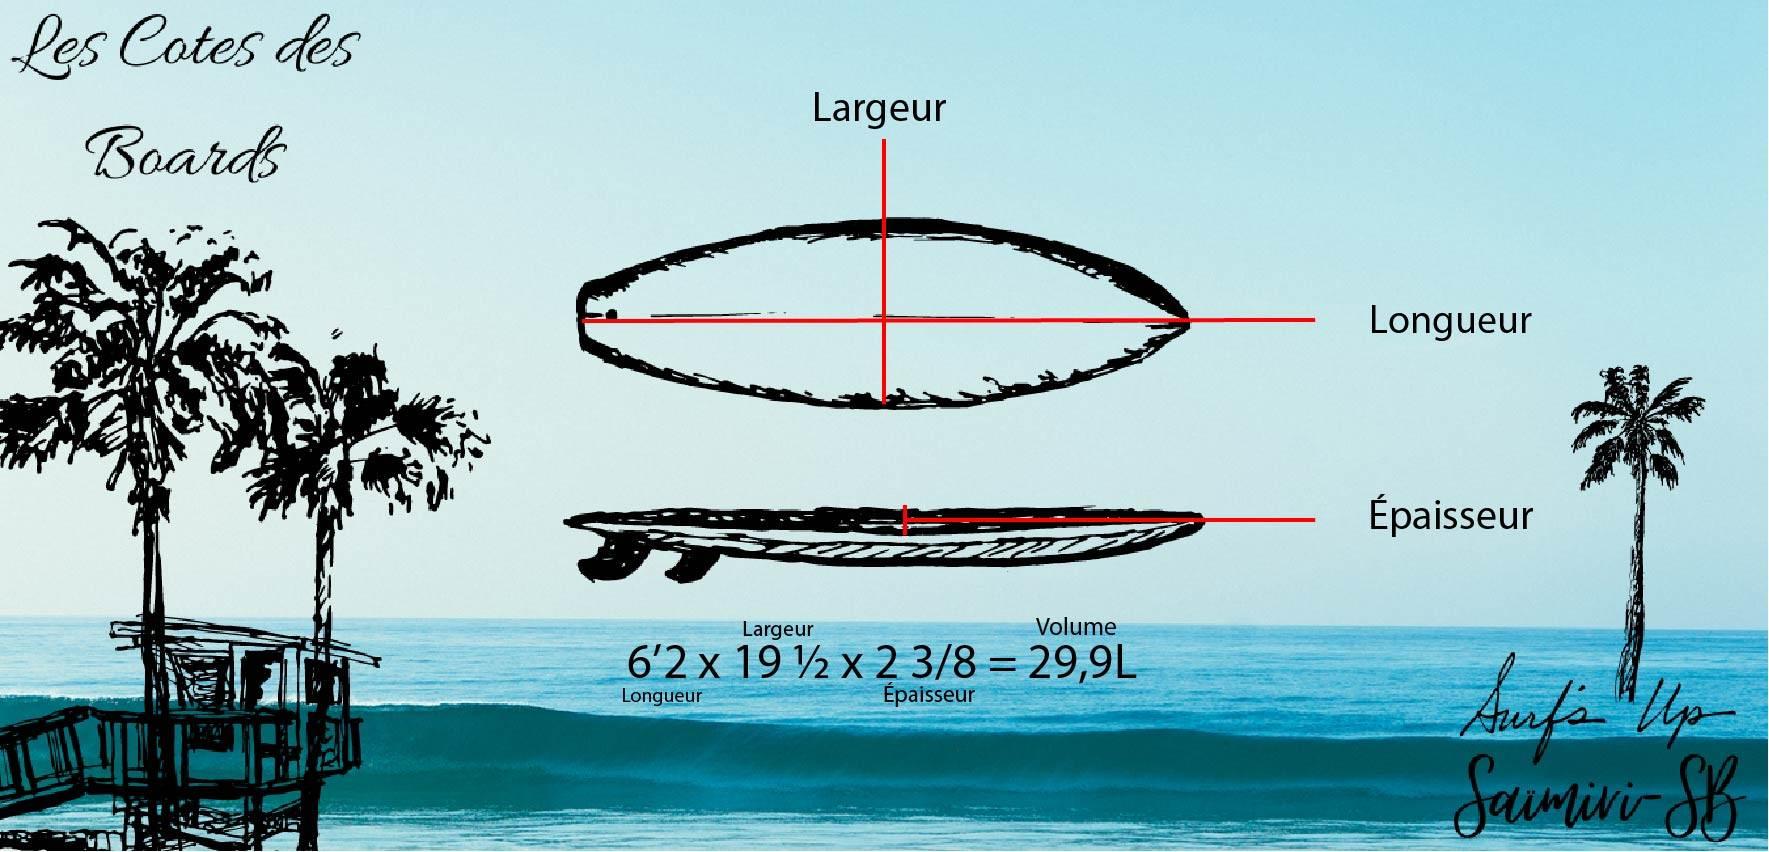 Un dessin explicatif de comment se mesure les cotes sur une planche de surf. Il y est inscrit la longueur, largeur et l'épaisseur. Sur le fond de l'image, c'est une photo de l'océan avec des vagues.